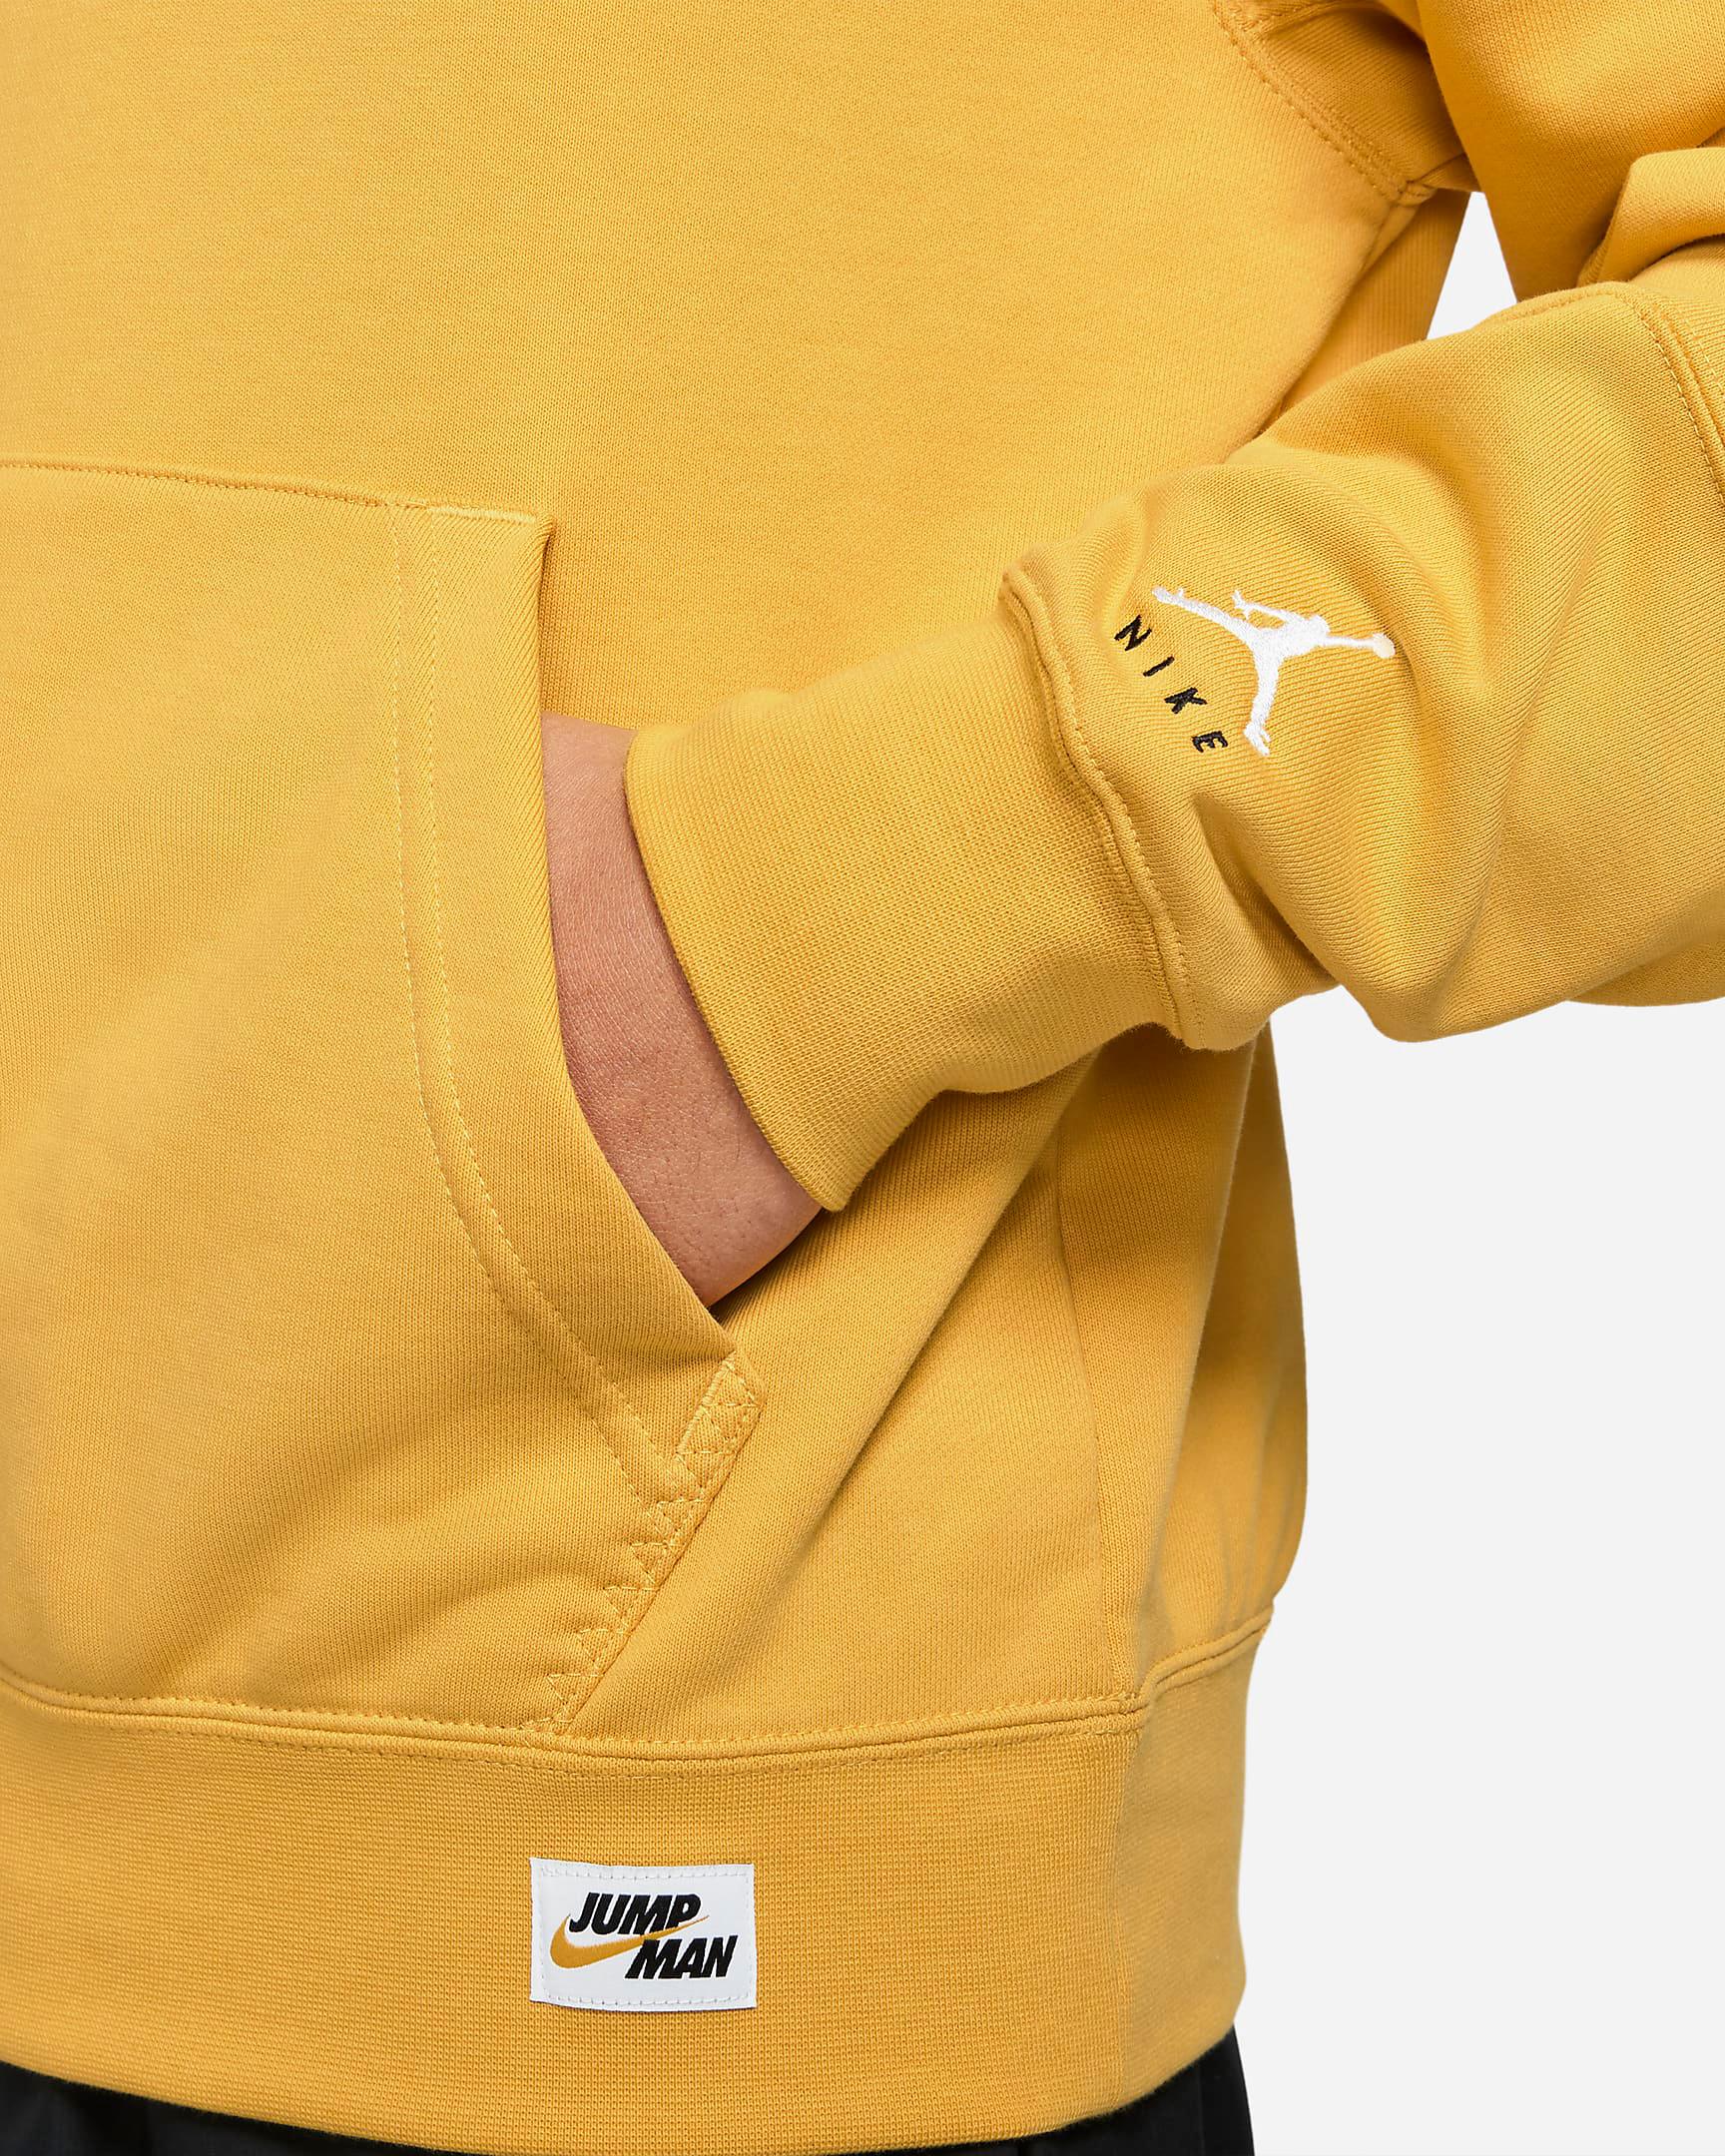 jordan-pollen-jumpman-sweatshirt-4